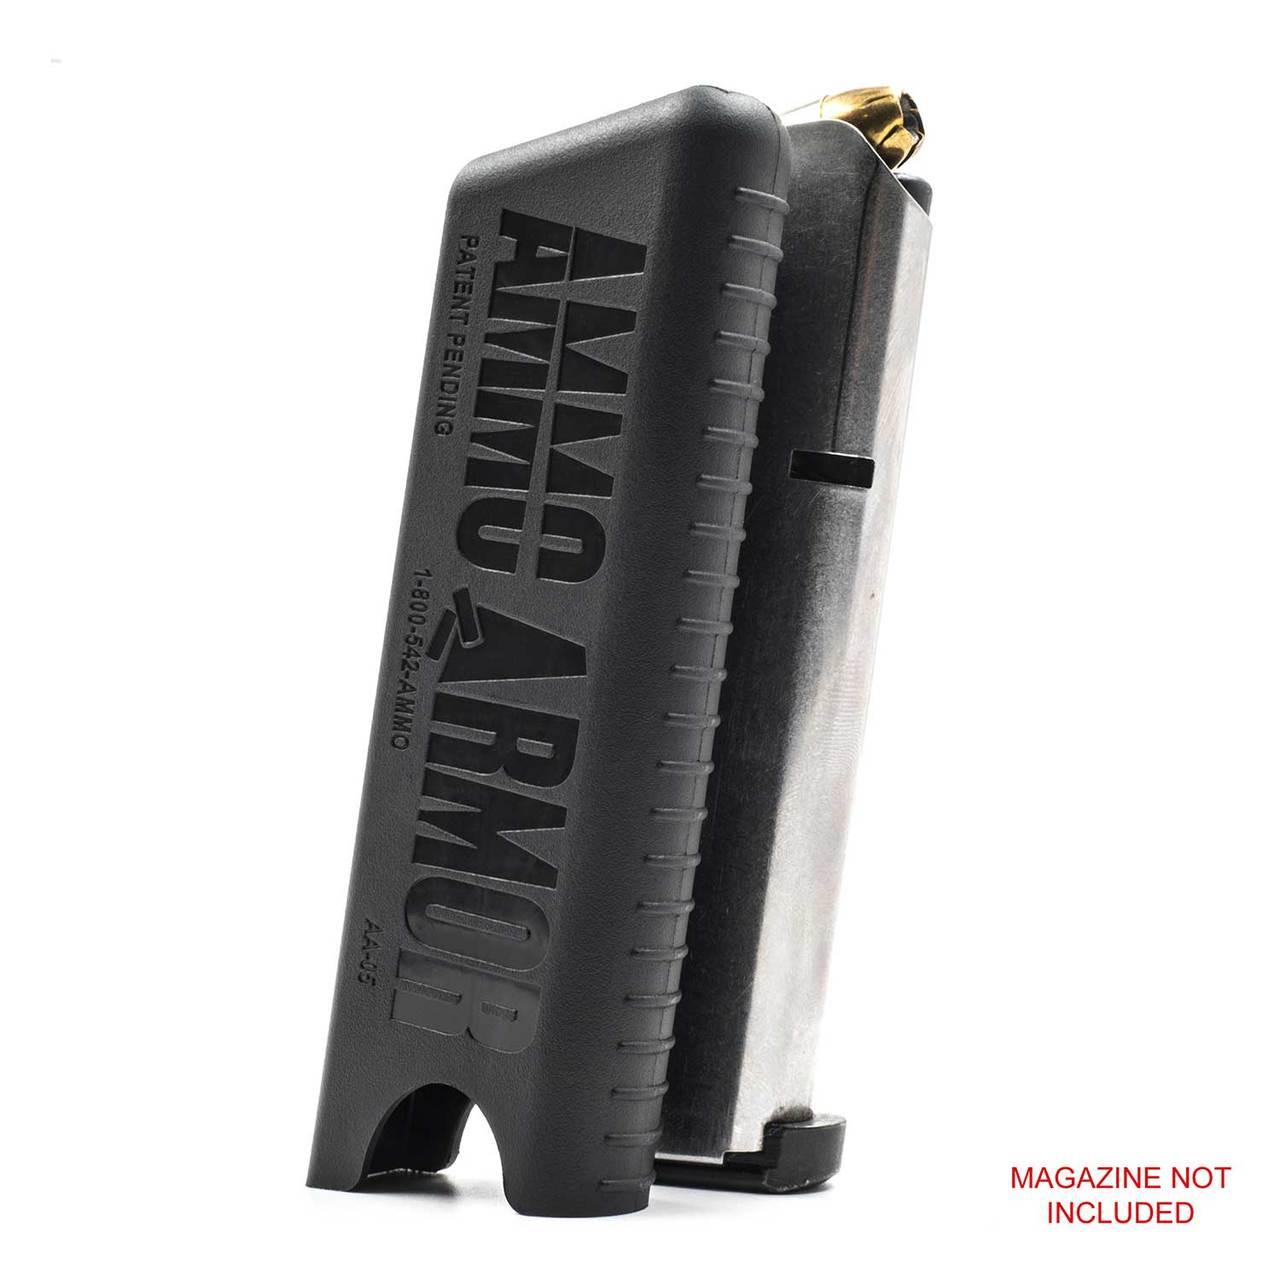 Wilson Combat Tactical (.45) Magazine Protector